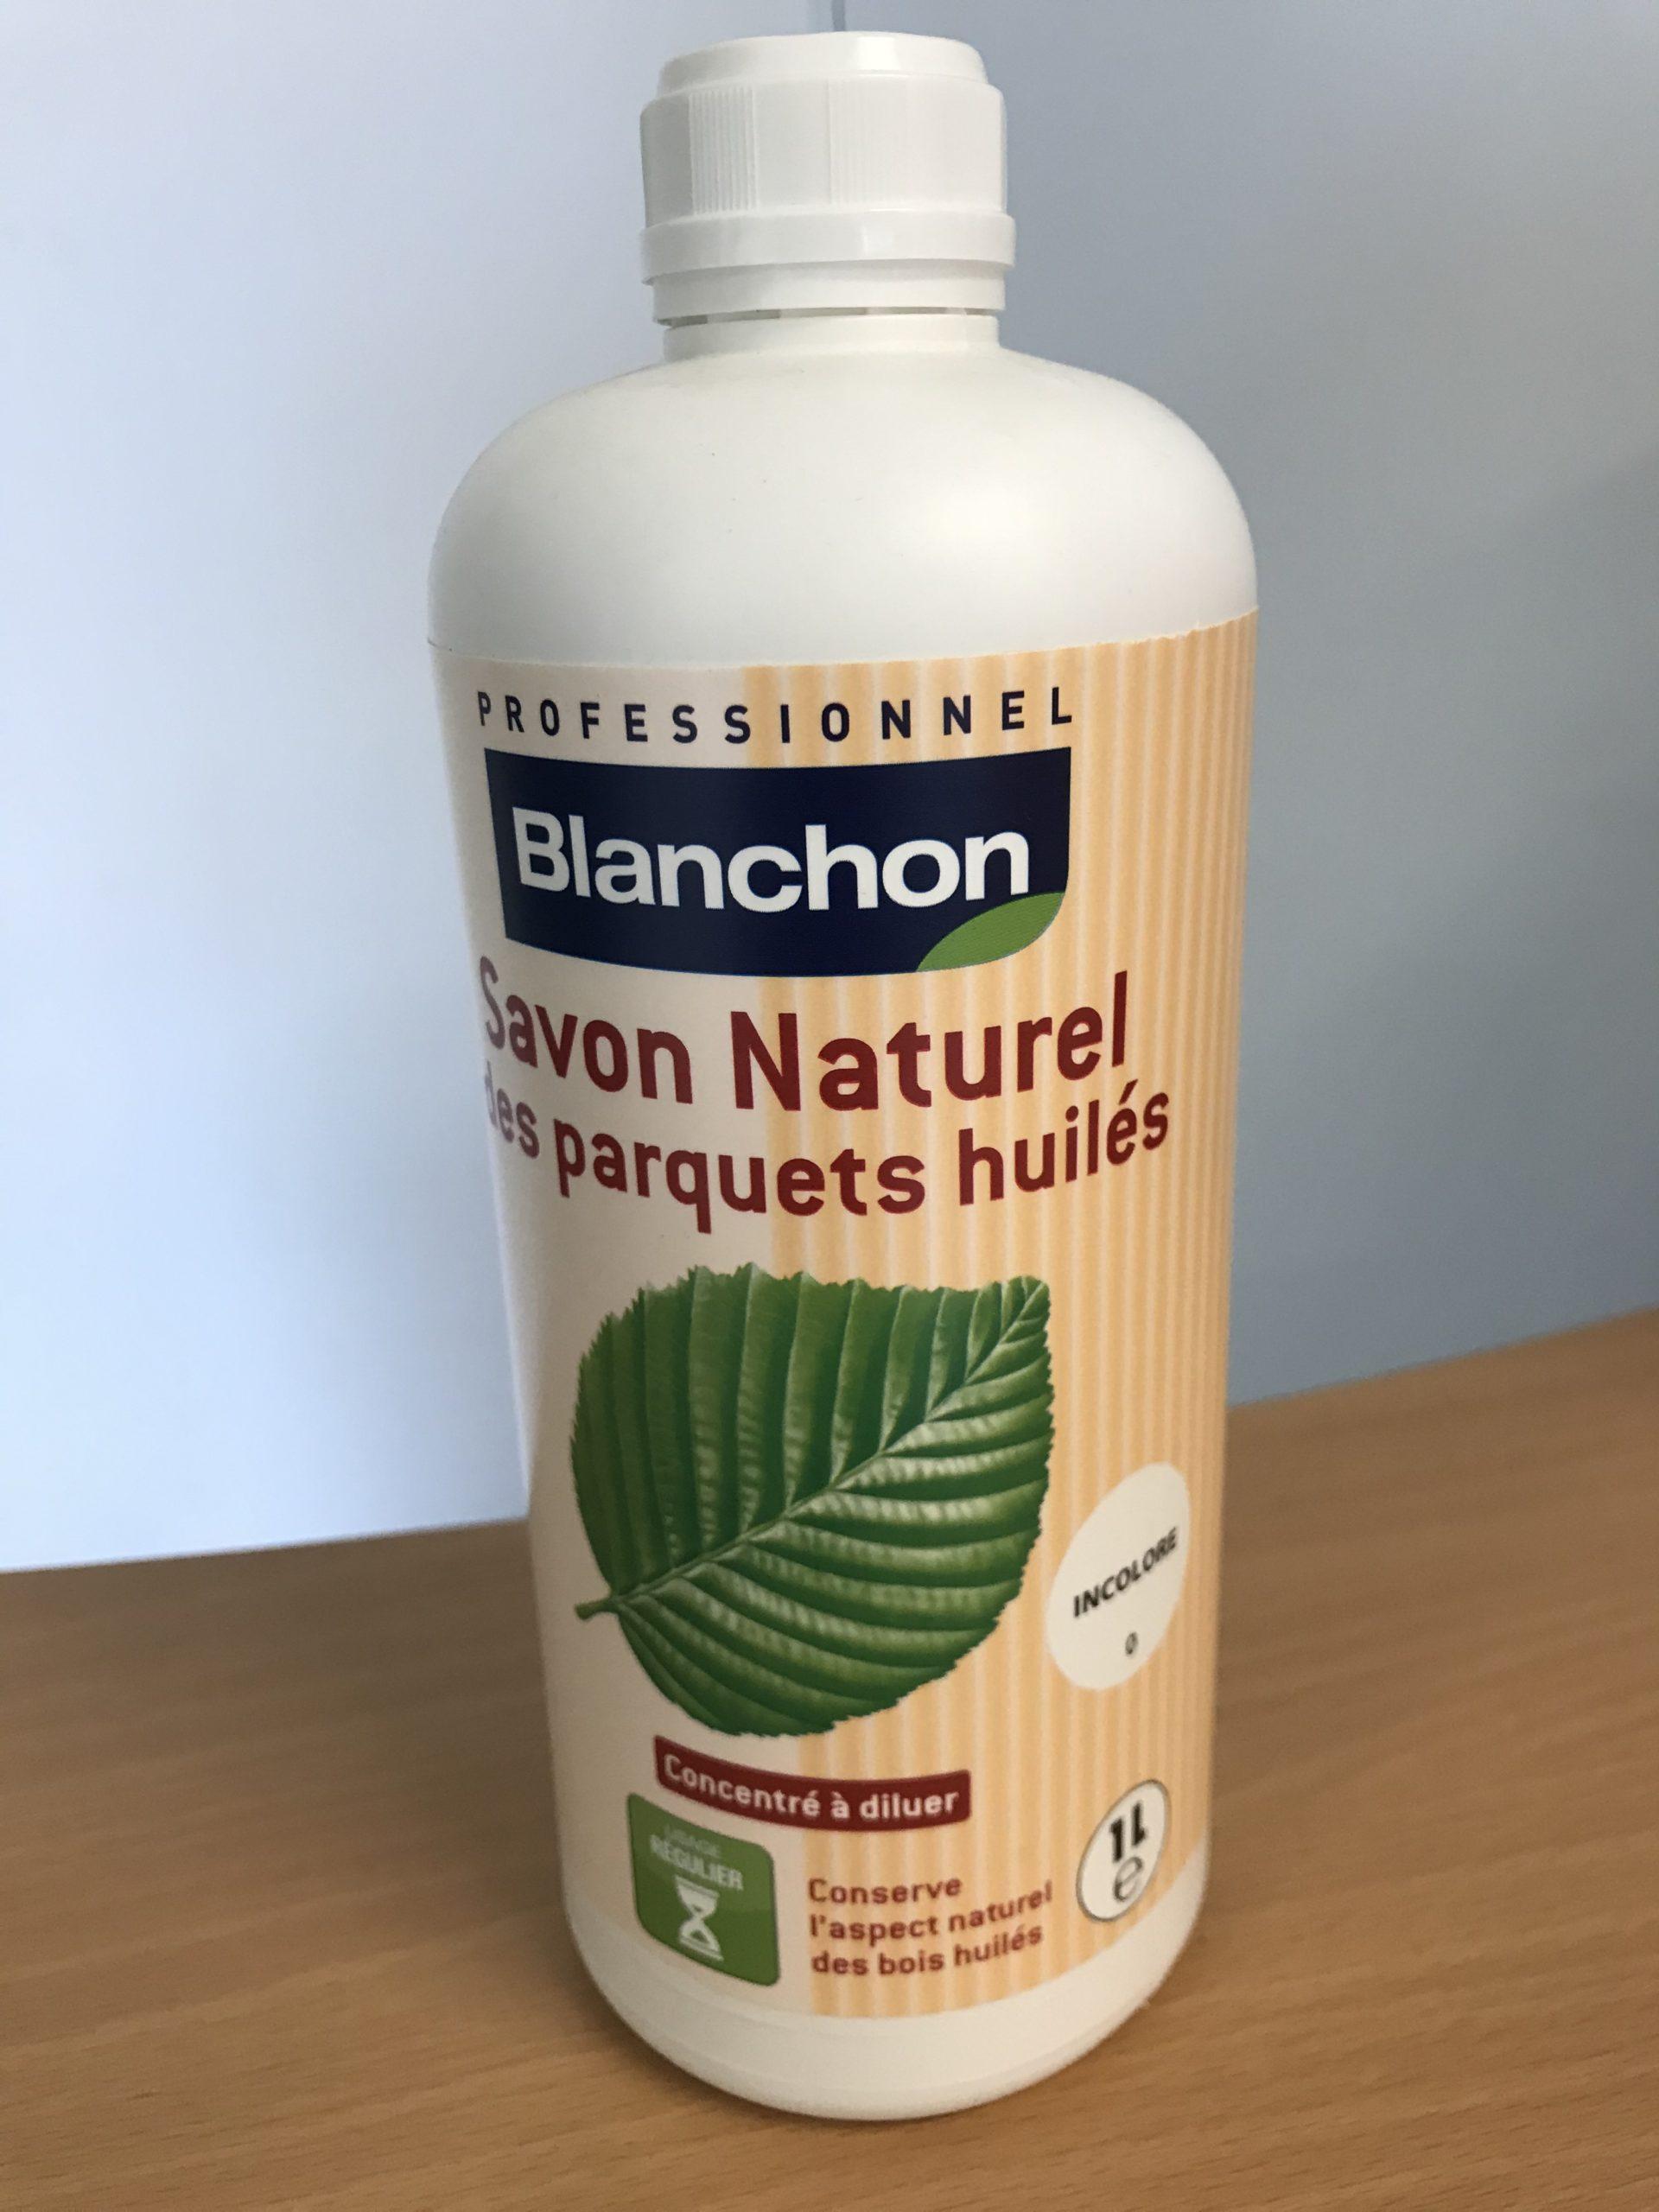 BLANCHON Savon naturel - Les parquets huilés